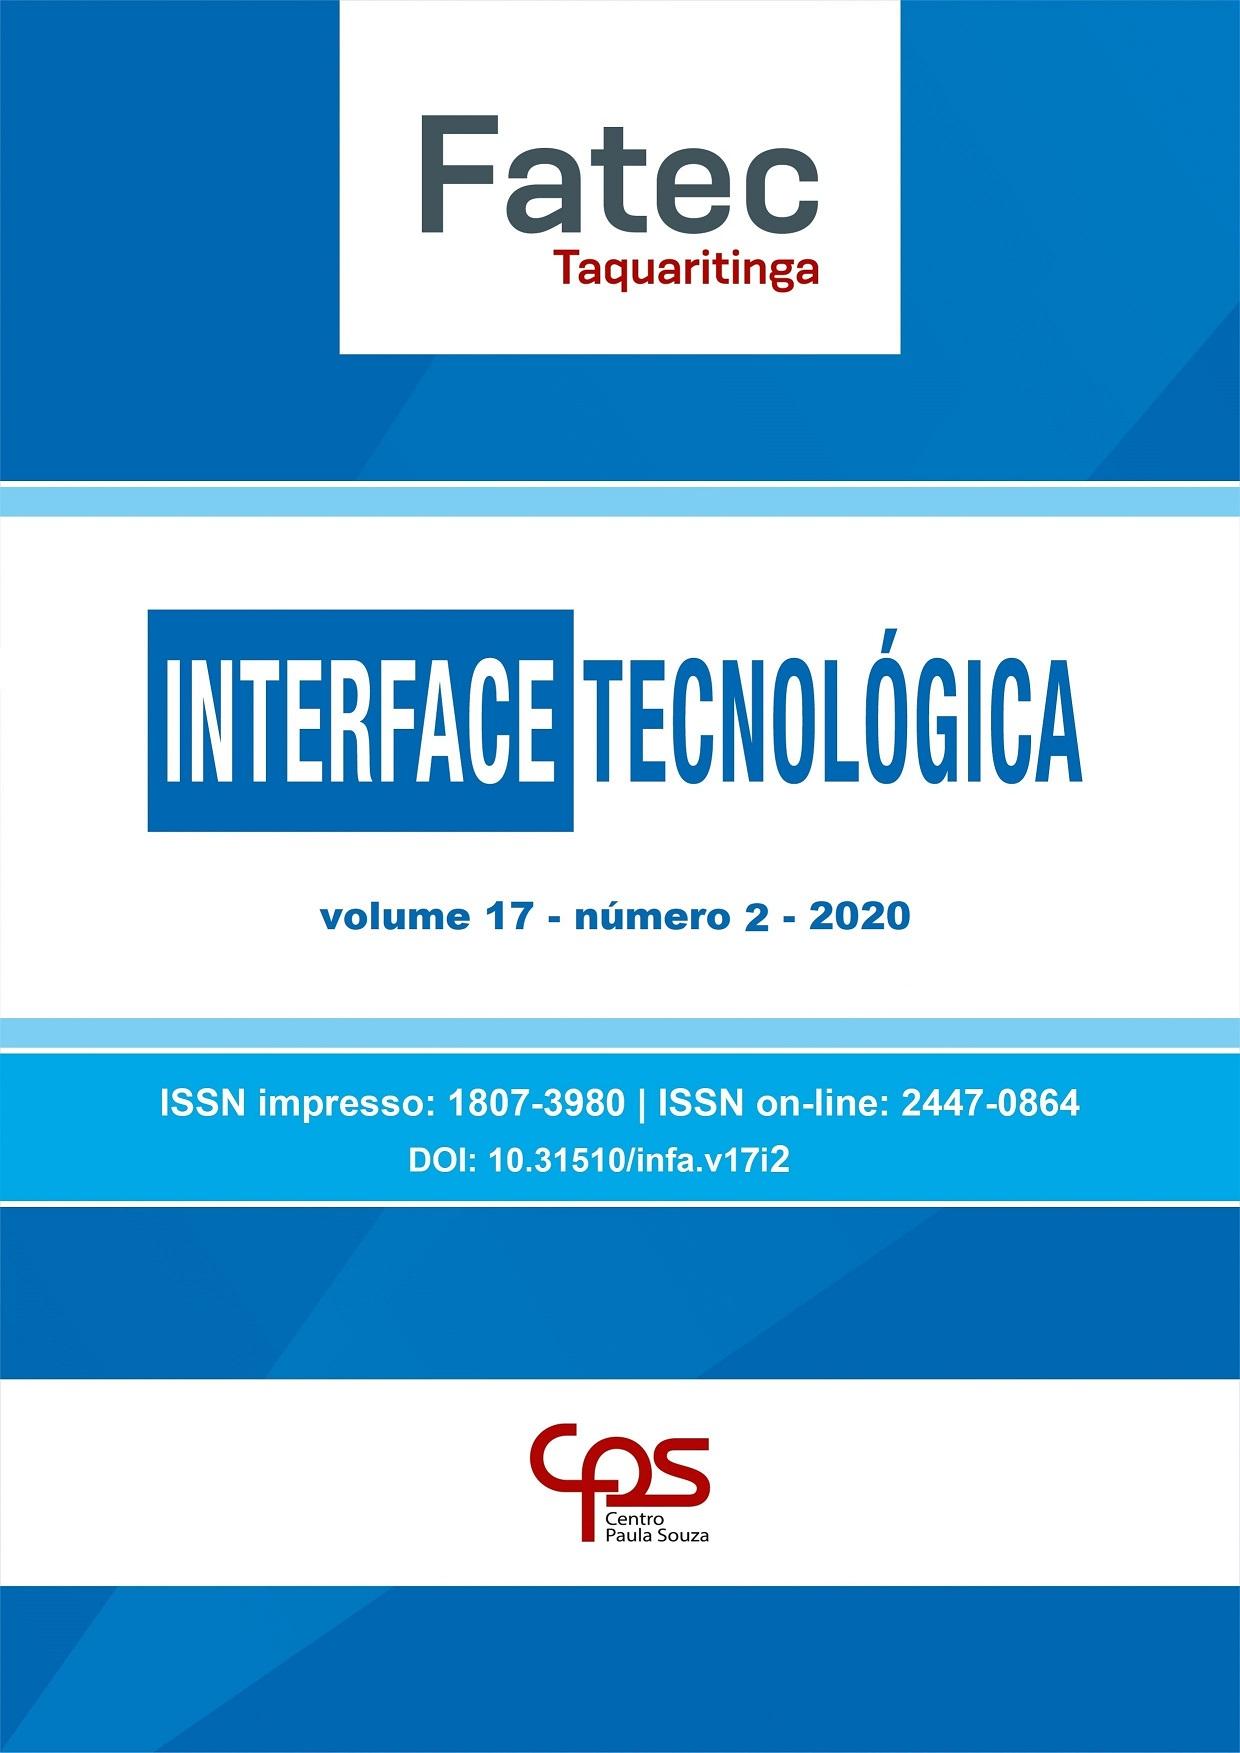 Visualizar v. 17 n. 2 (2020): Revista Interface Tecnológica